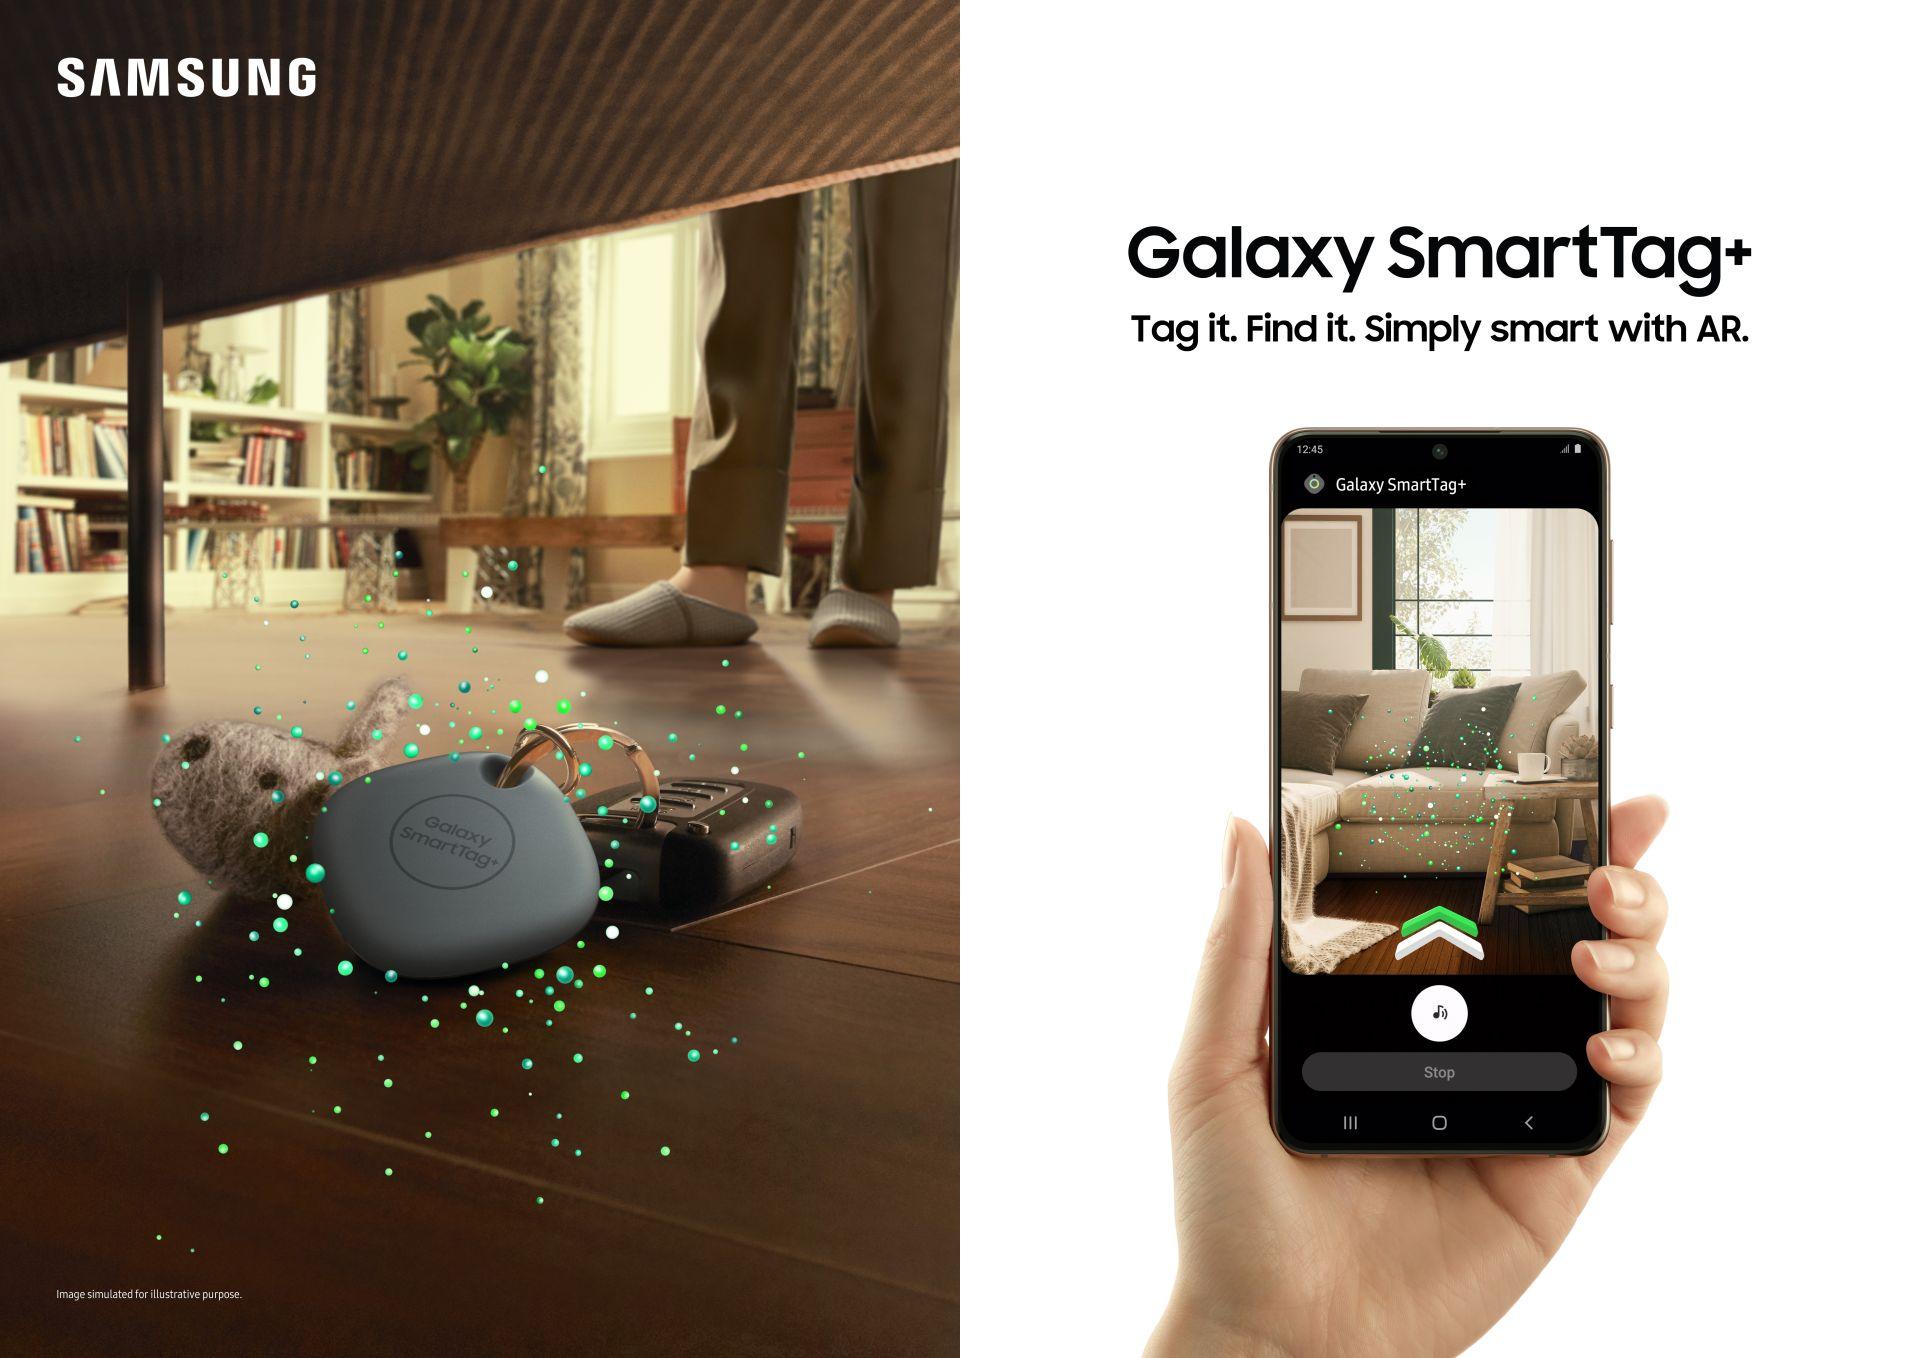 Samsung annuncia Galaxy SmartTag+, ancora più preciso grazie alla ultra-wideband 1